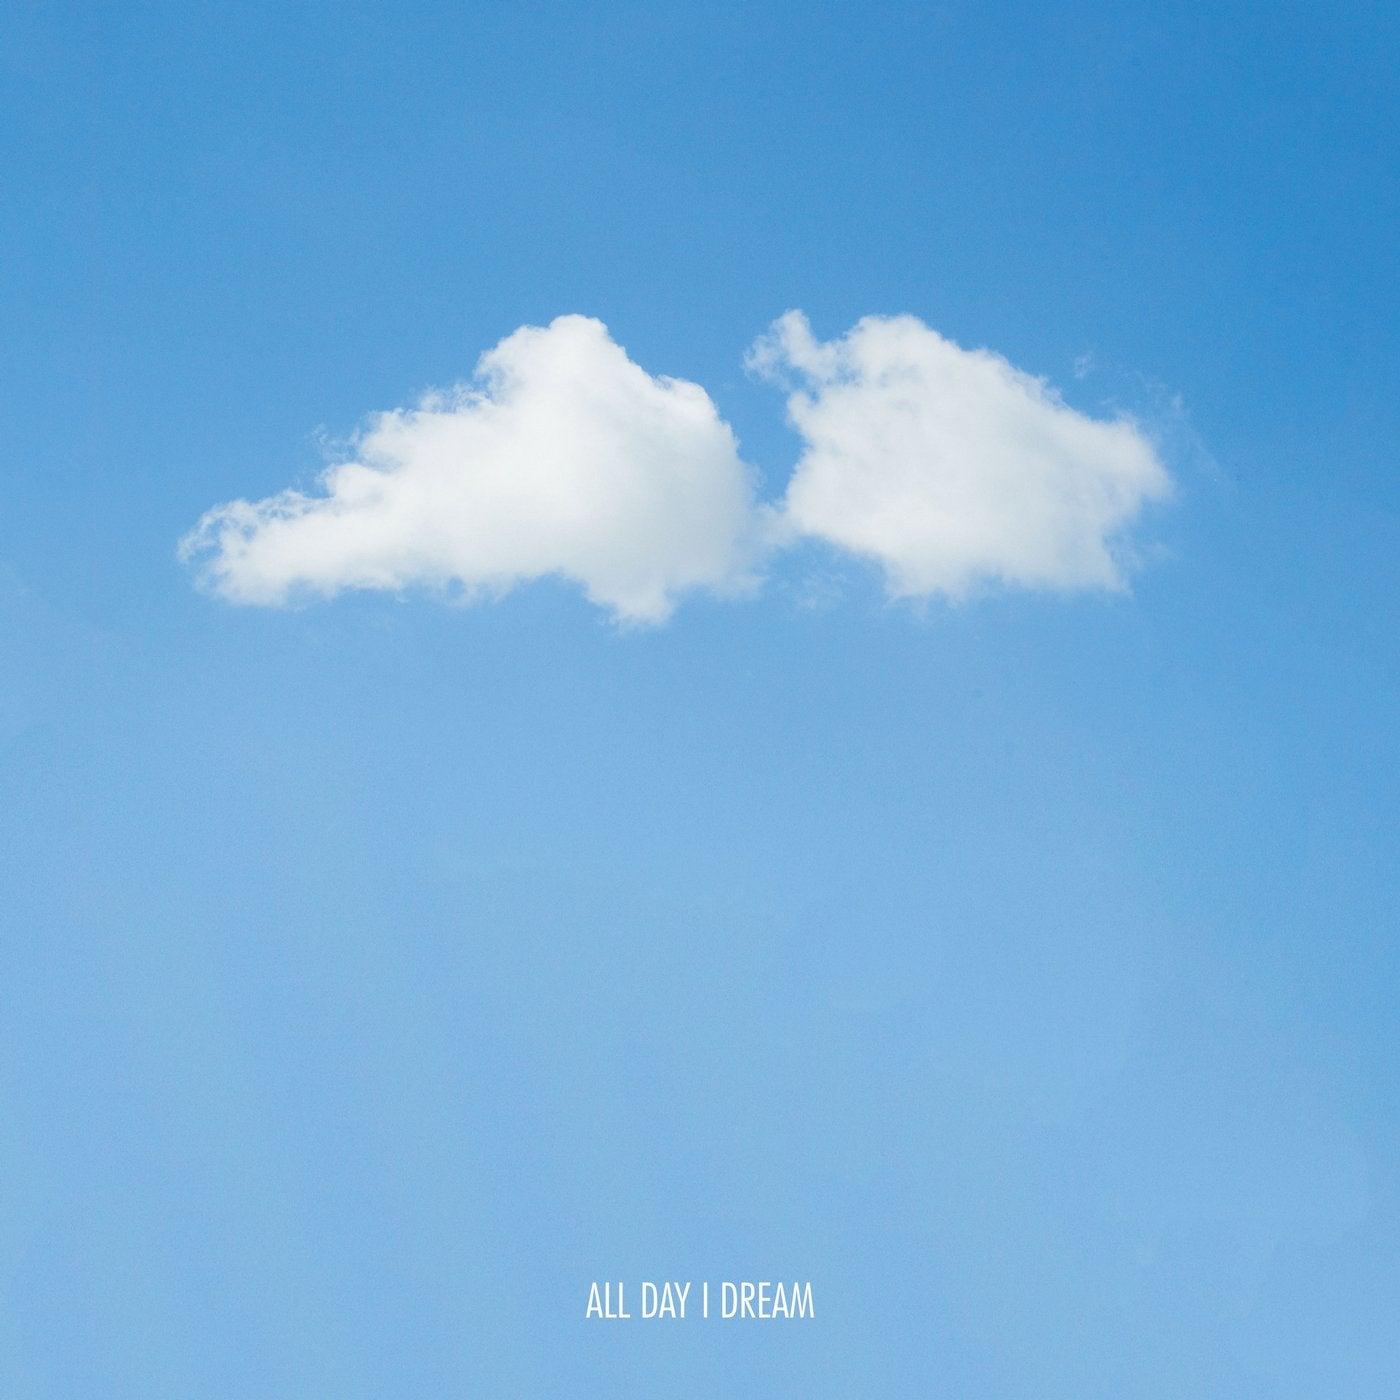 Greatest Day feat. Reigan (Lost Desert Remix)